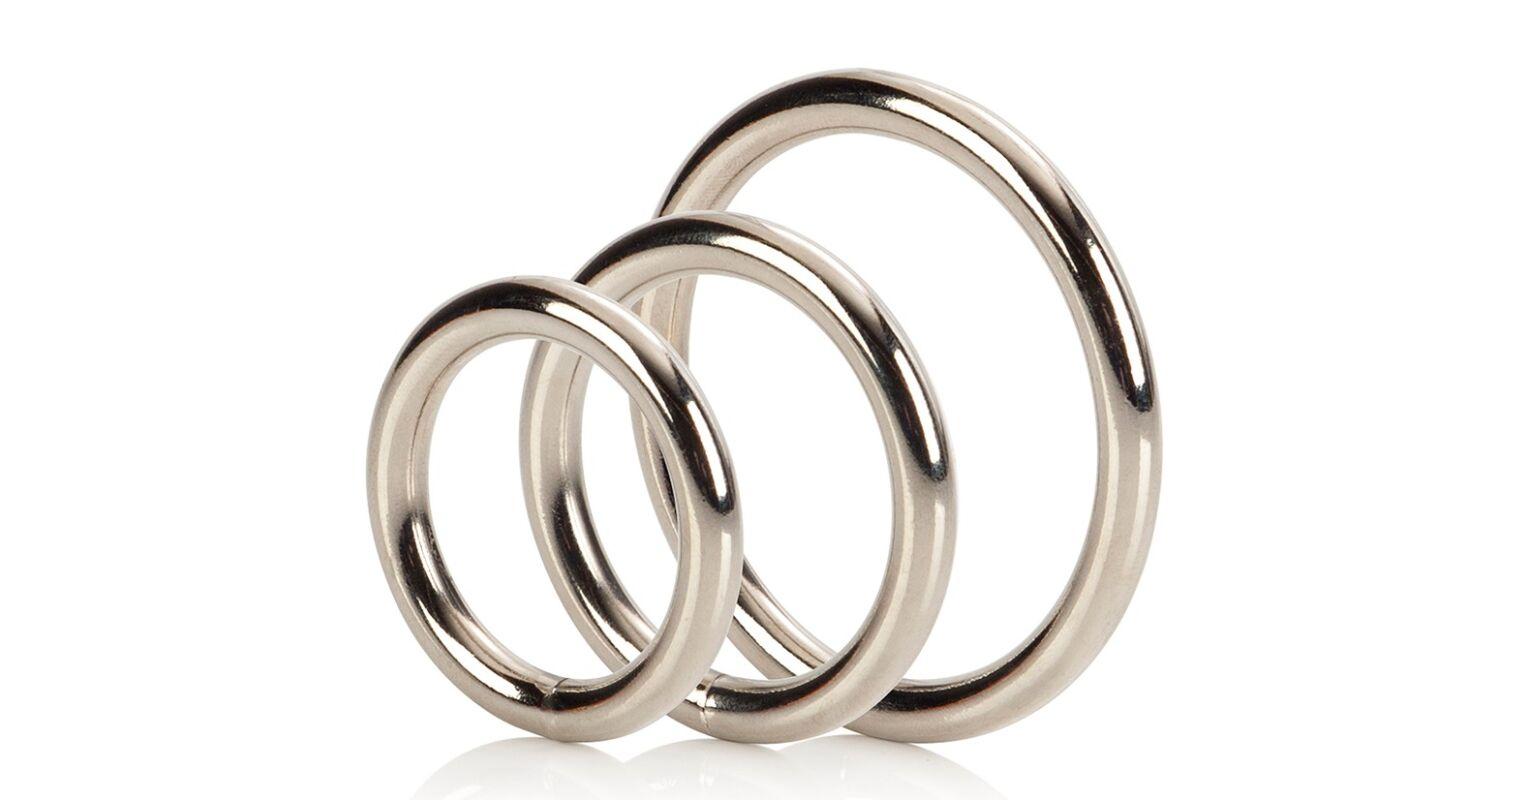 pénisz gyűrű, így sokáig nem cum)